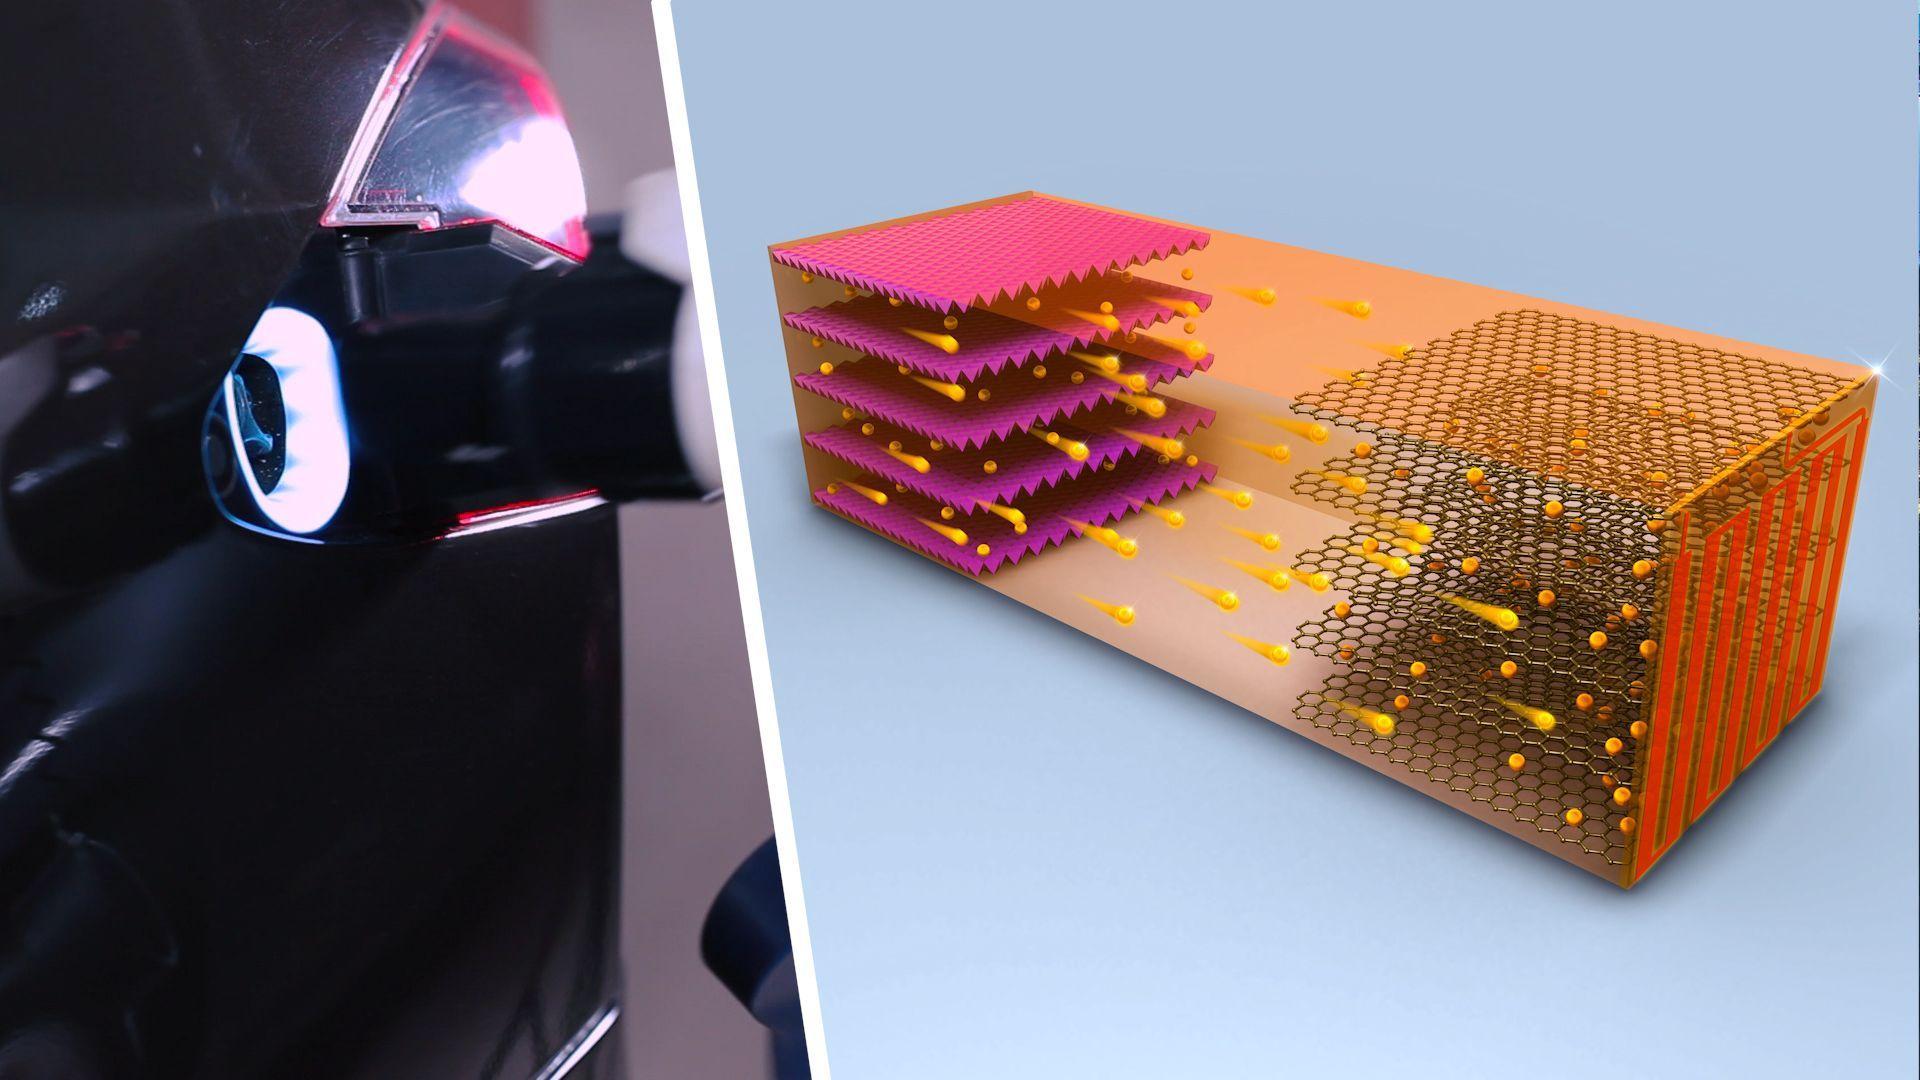 Forschung: Neue Batterie für E-Autos lädt innerhalb von 10 Minuten